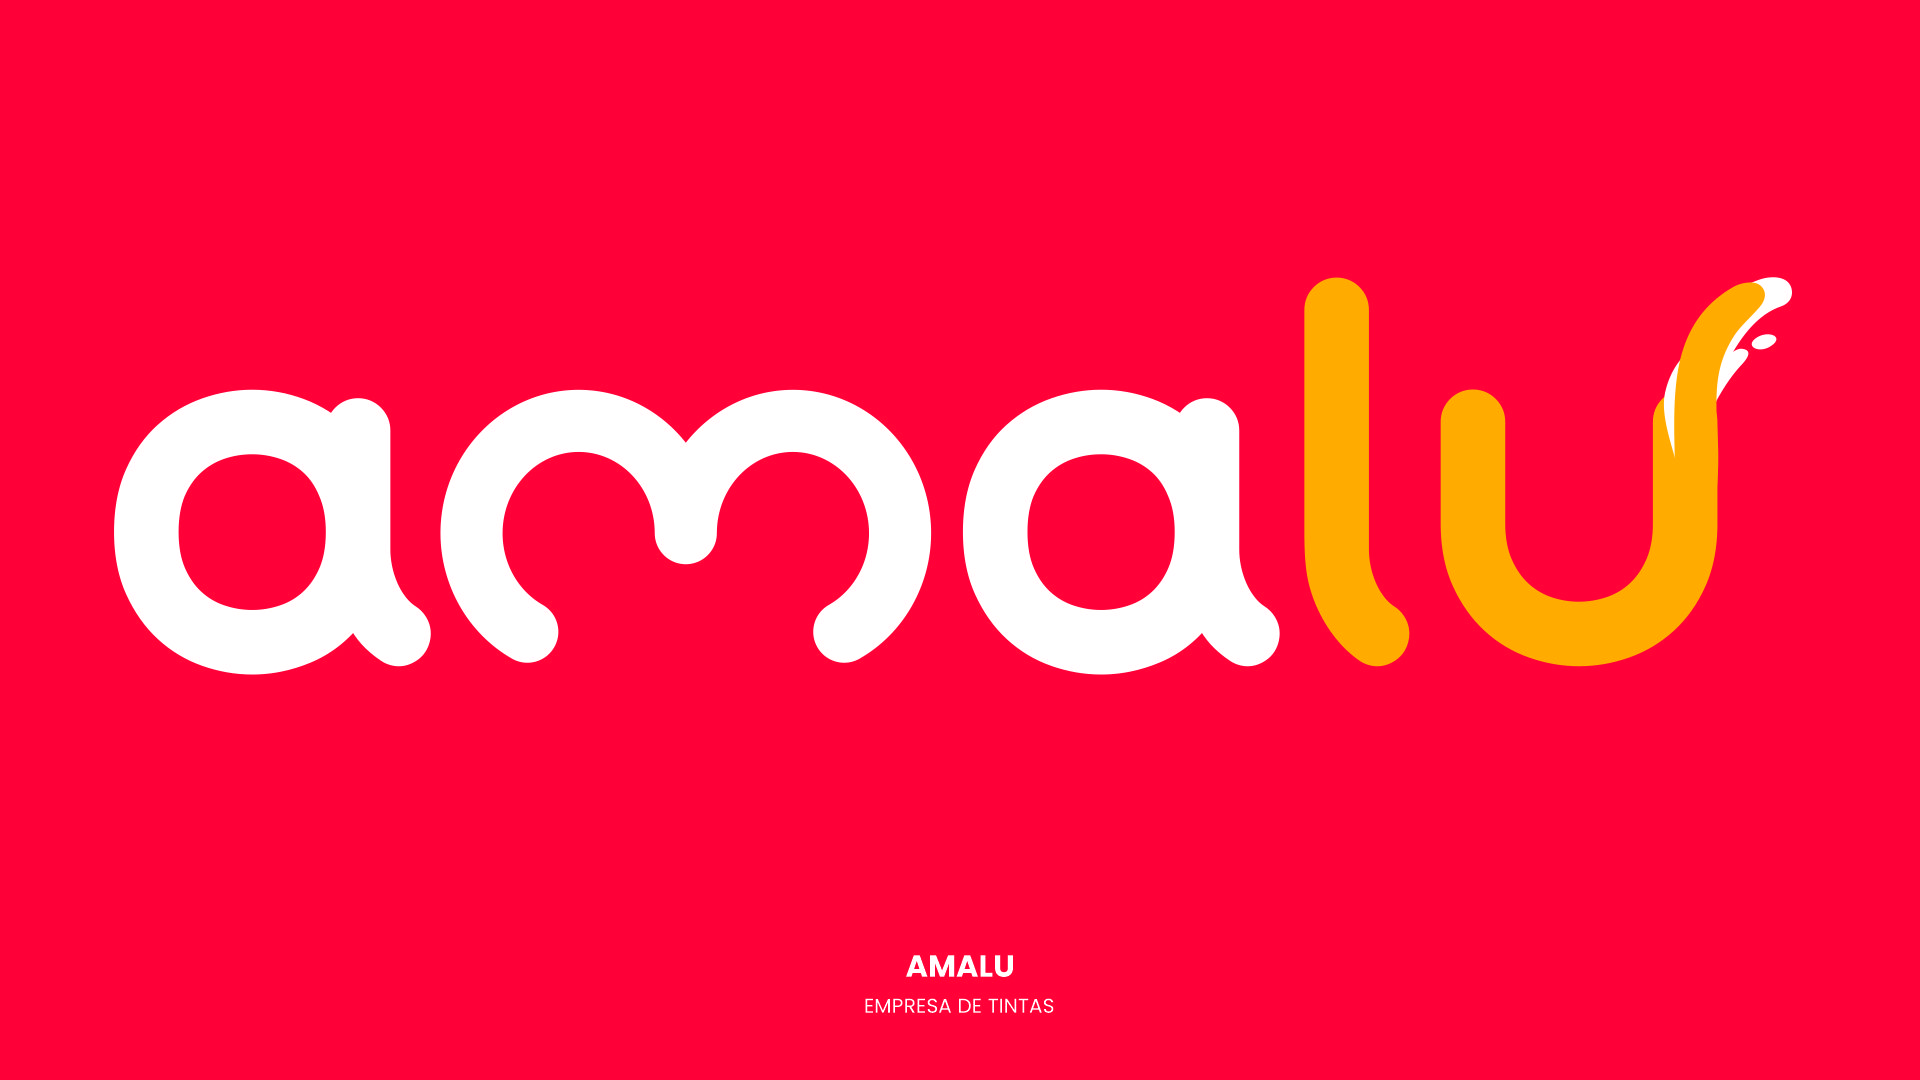 amalu_tintas